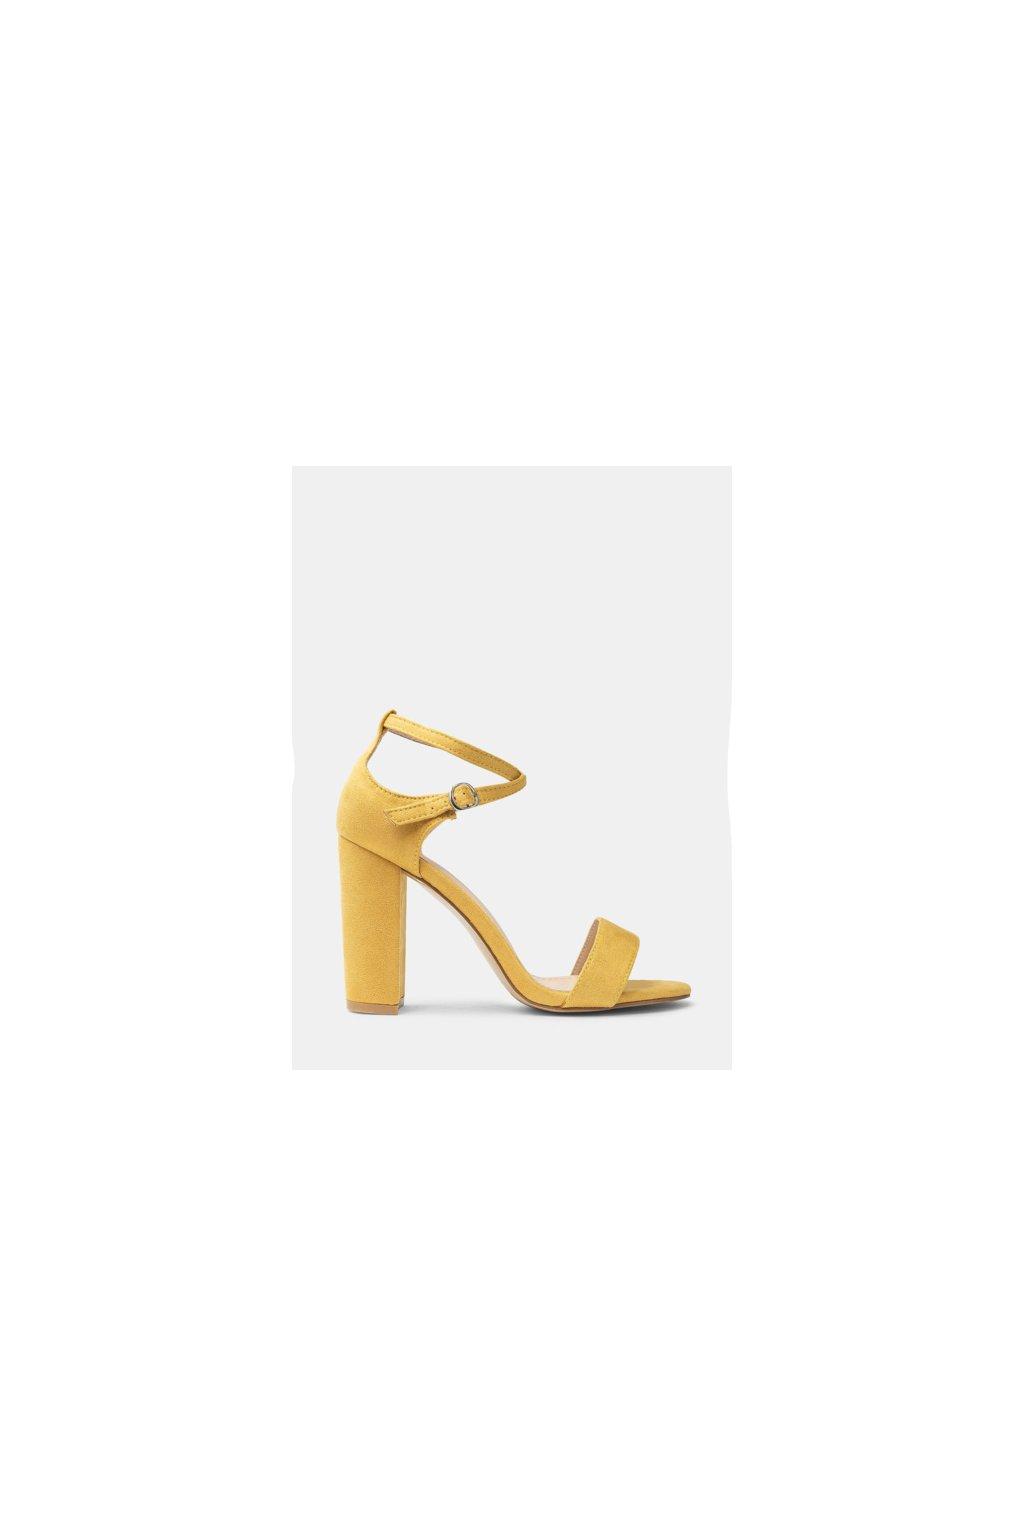 773bf83d4b Žleté sandále na opätku Courie ako extrahovať